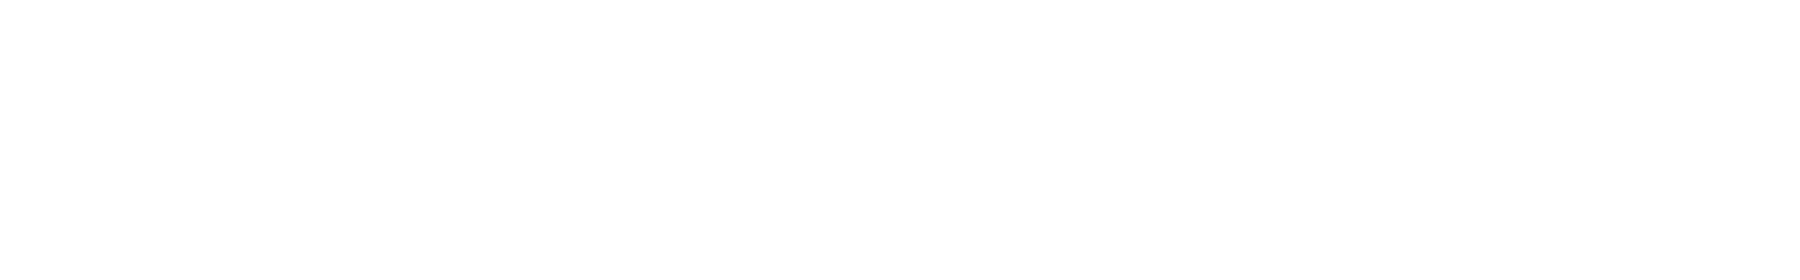 media.io dark city synth